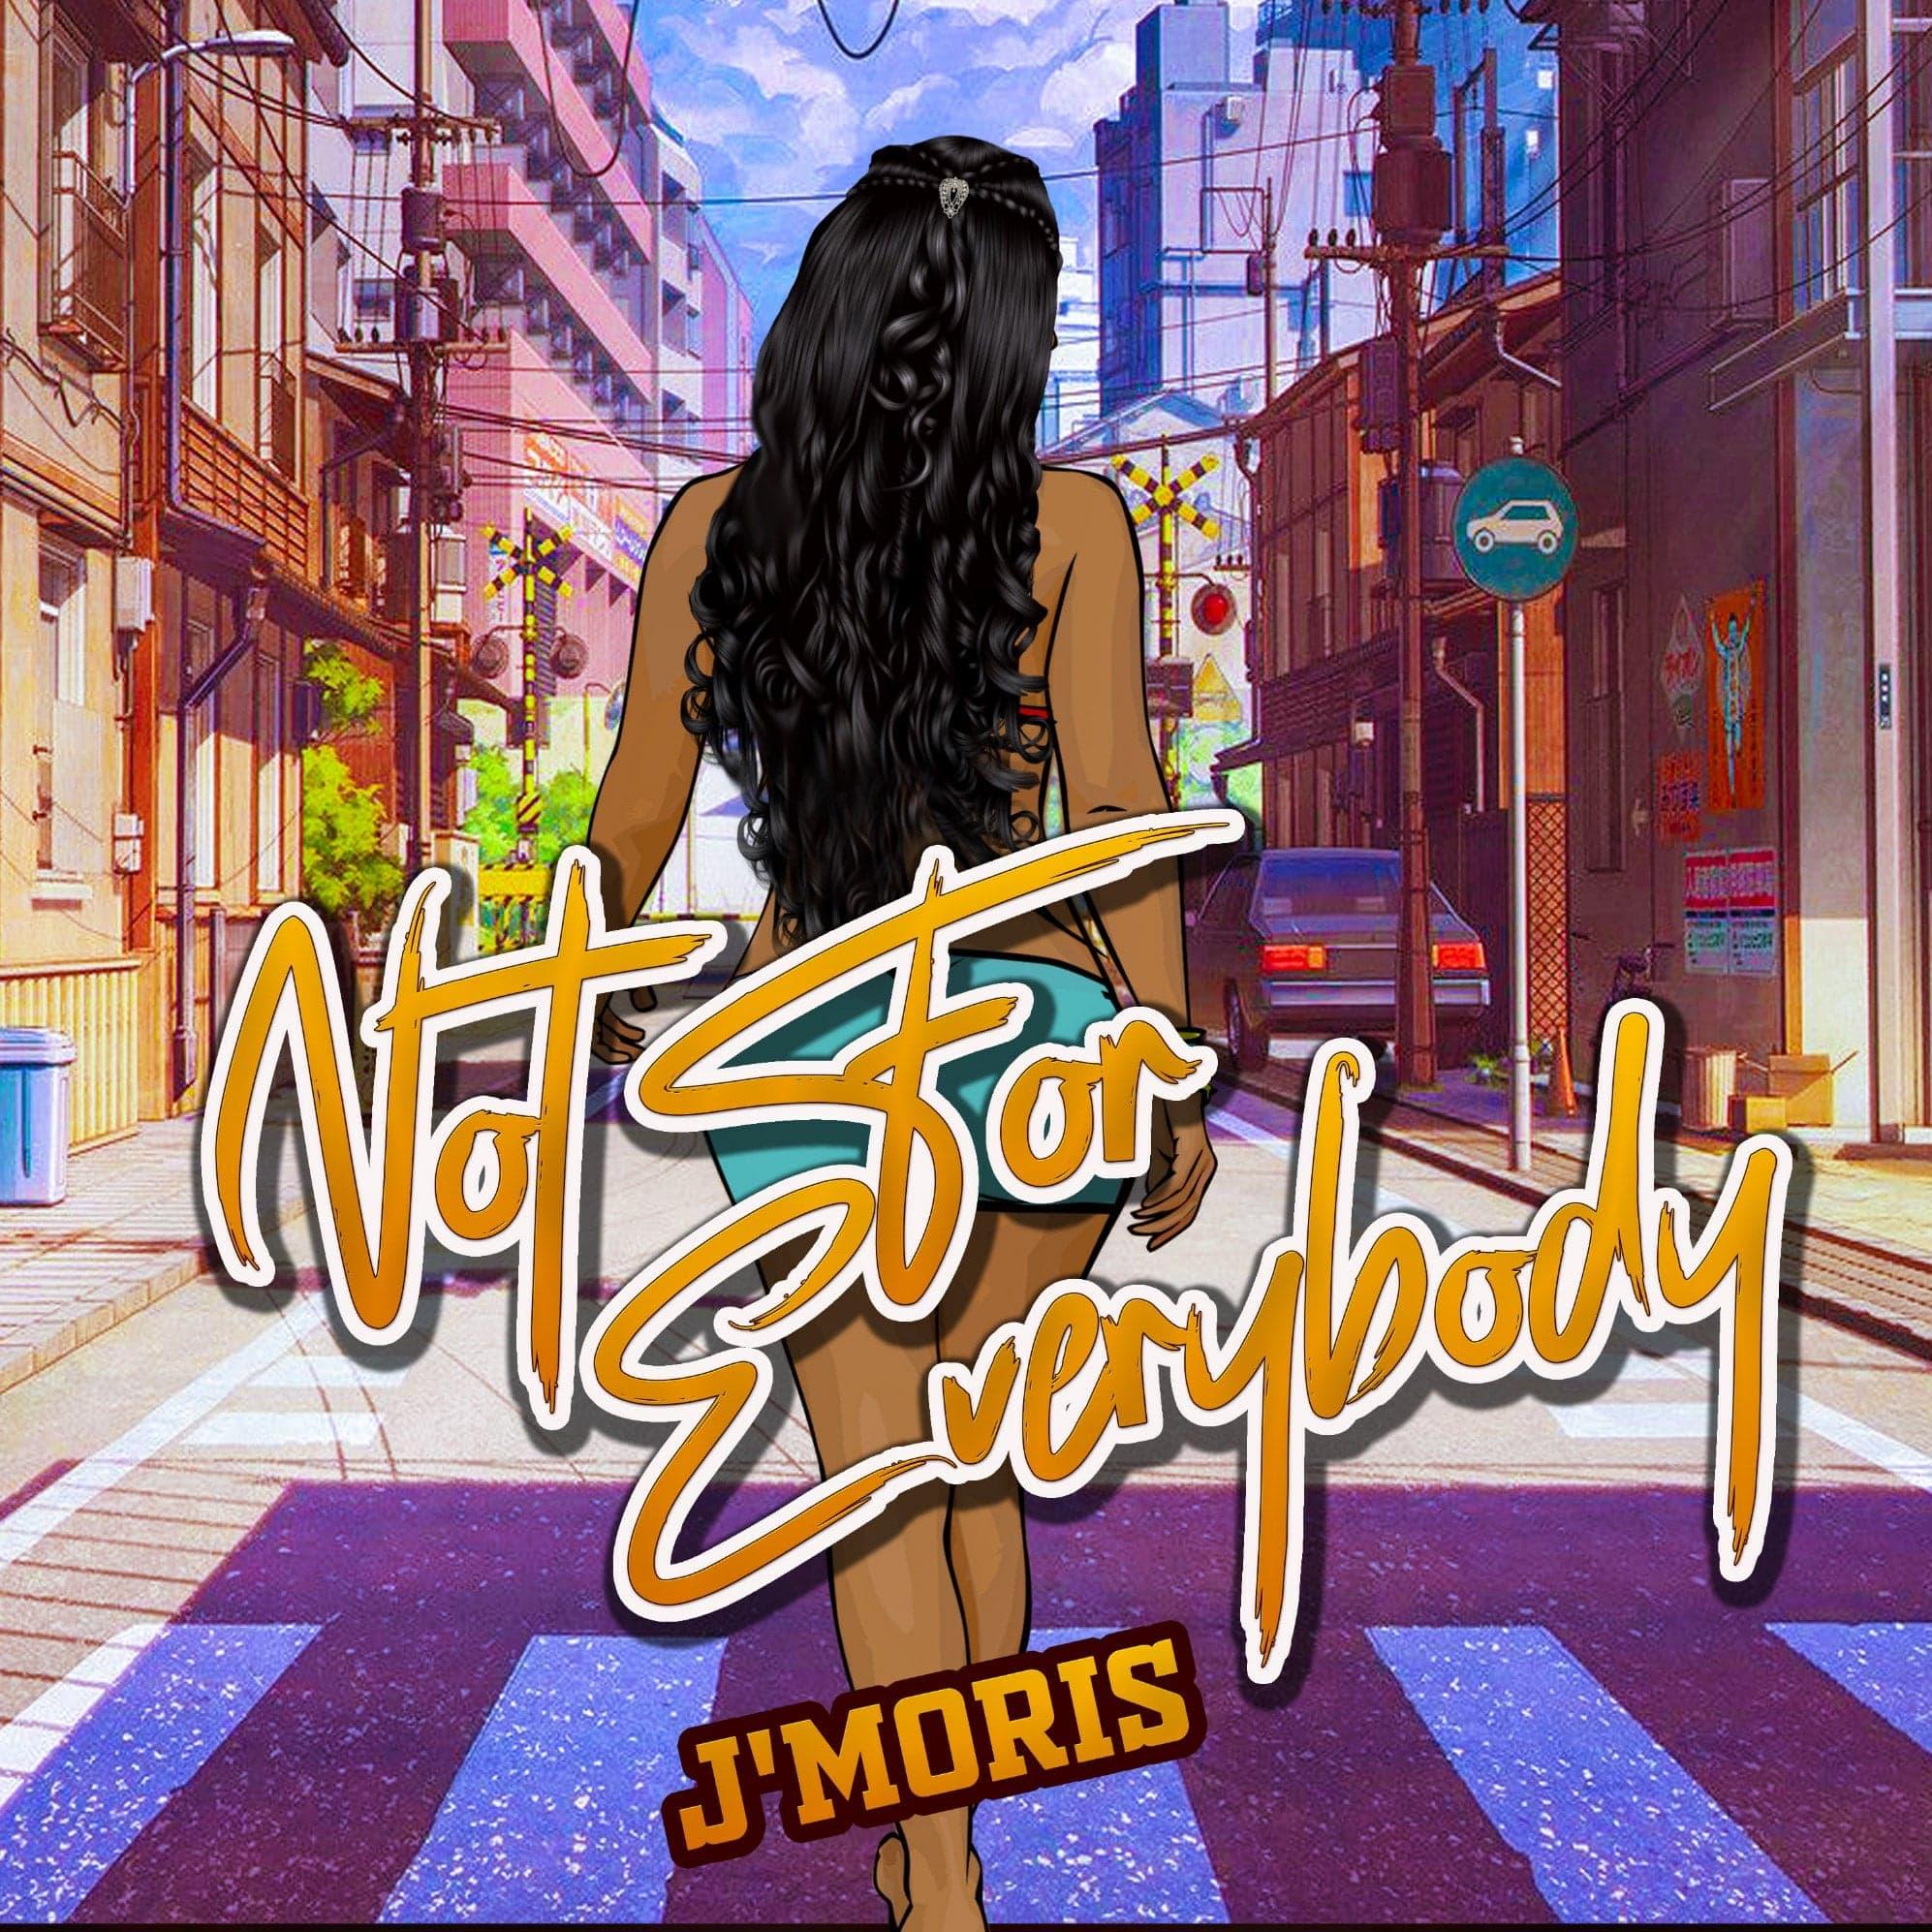 Hillsboro, Texas-based Rapper and Storyteller J'Moris has something for everyone on new release.-2021-05-19 16:05:07